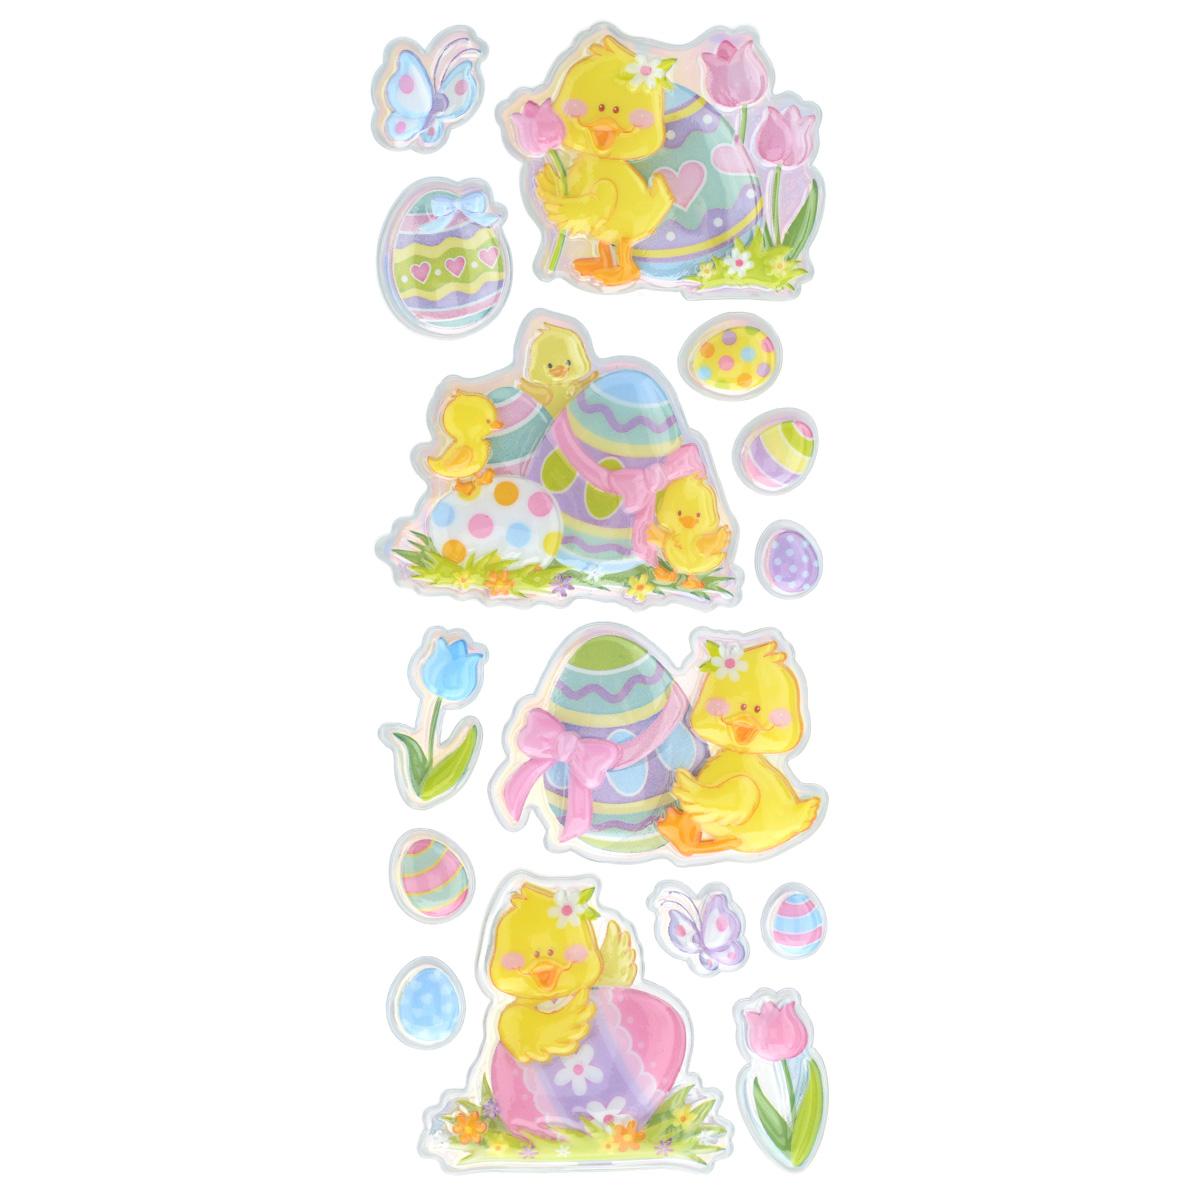 Набор объемных наклеек Home Queen Цыплята с тюльпанами, 15 шт60882_6Набор объемных наклеек Home Queen Цыплята с тюльпанами прекрасно подойдет для оформления творческих работ. Их можно использовать для скрапбукинга, украшения упаковок, подарков и конвертов, открыток, декорирования коллажей, фотографий, изделий ручной работы и предметов интерьера. Объемные наклейки выполнены из ПВХ. Задняя сторона клейкая. В наборе - 15 объемных наклеек, выполненных в виде цыпленка, пасхальных яиц и цветов. Такой набор украшений создаст атмосферу праздника в вашем доме. Комплектация: 15 шт. Средний размер наклейки: 6 см х 5,5 см.